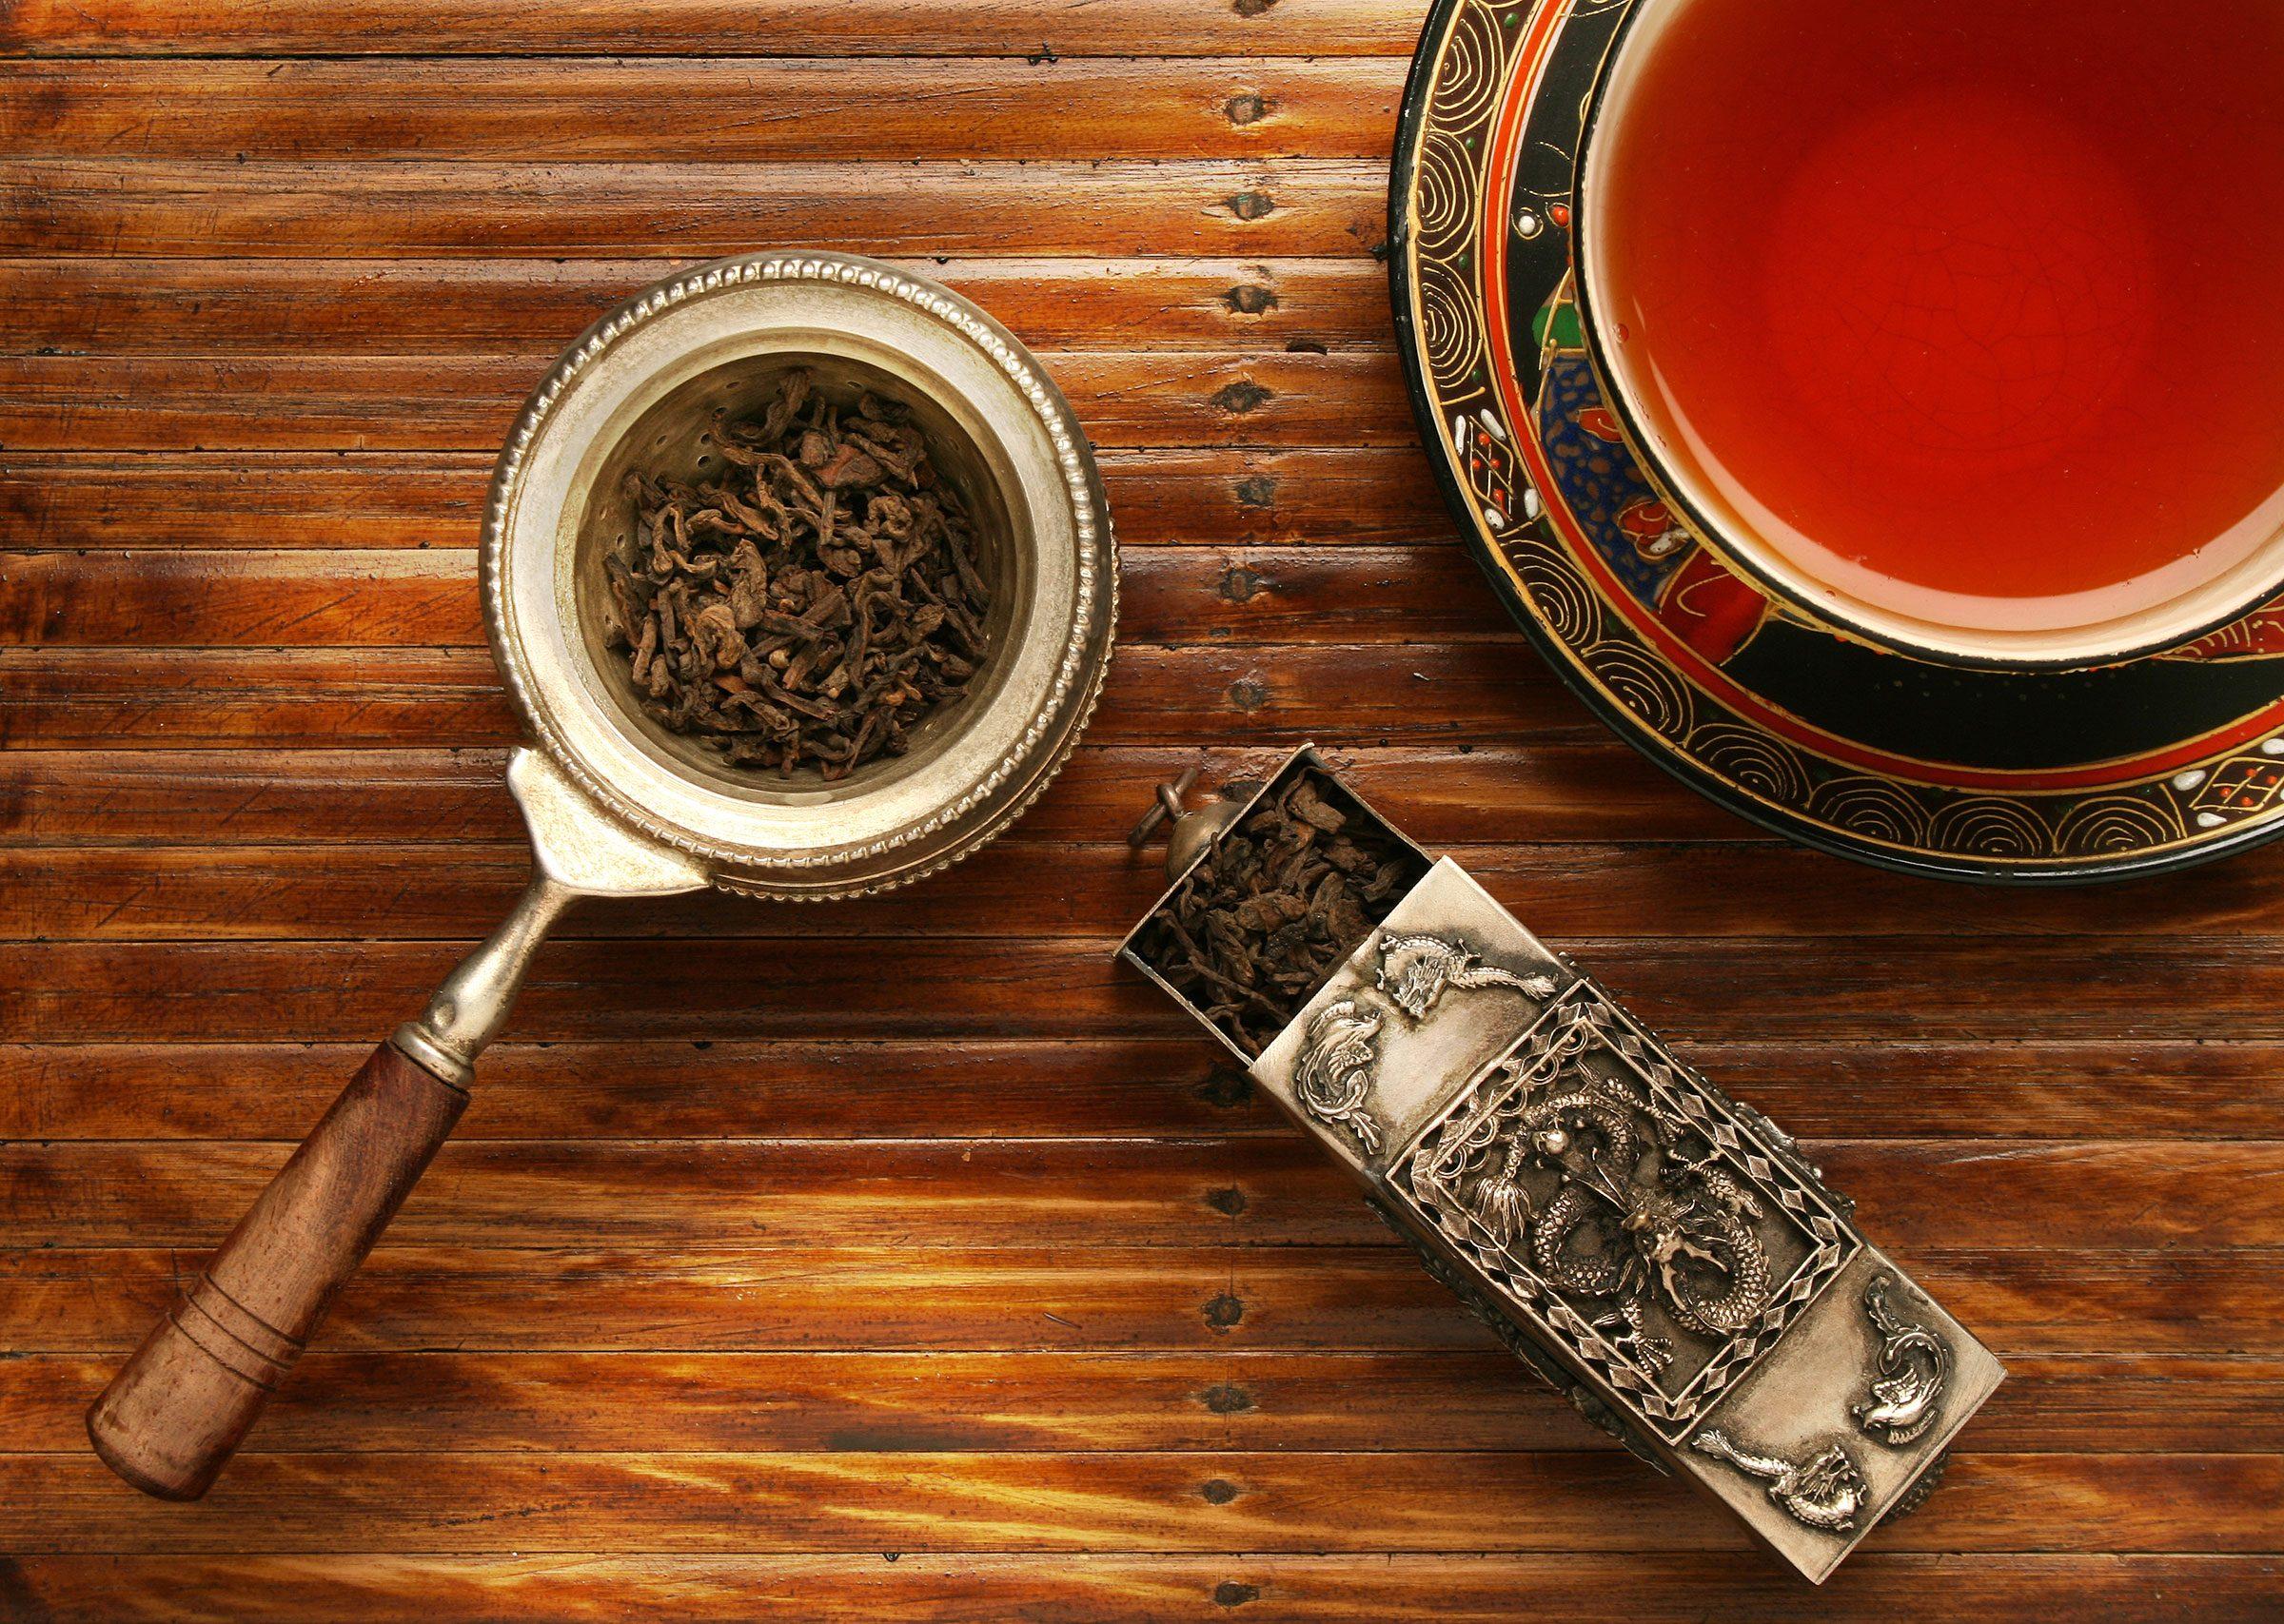 2. Black Tea